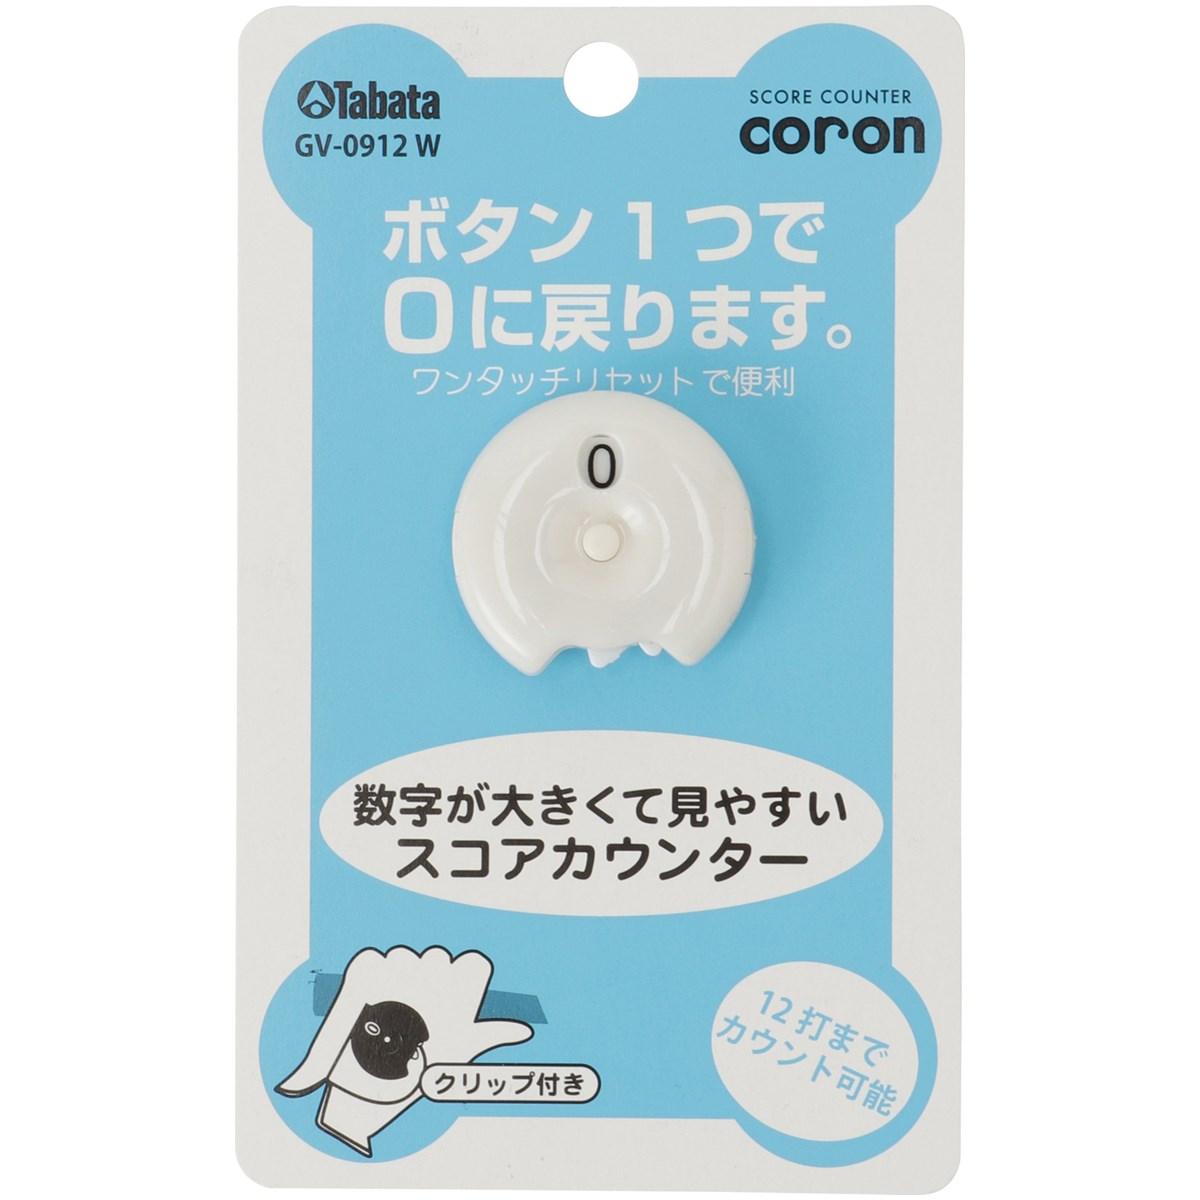 タバタ Tabata スコアカウンター coron GV-0912 ホワイト